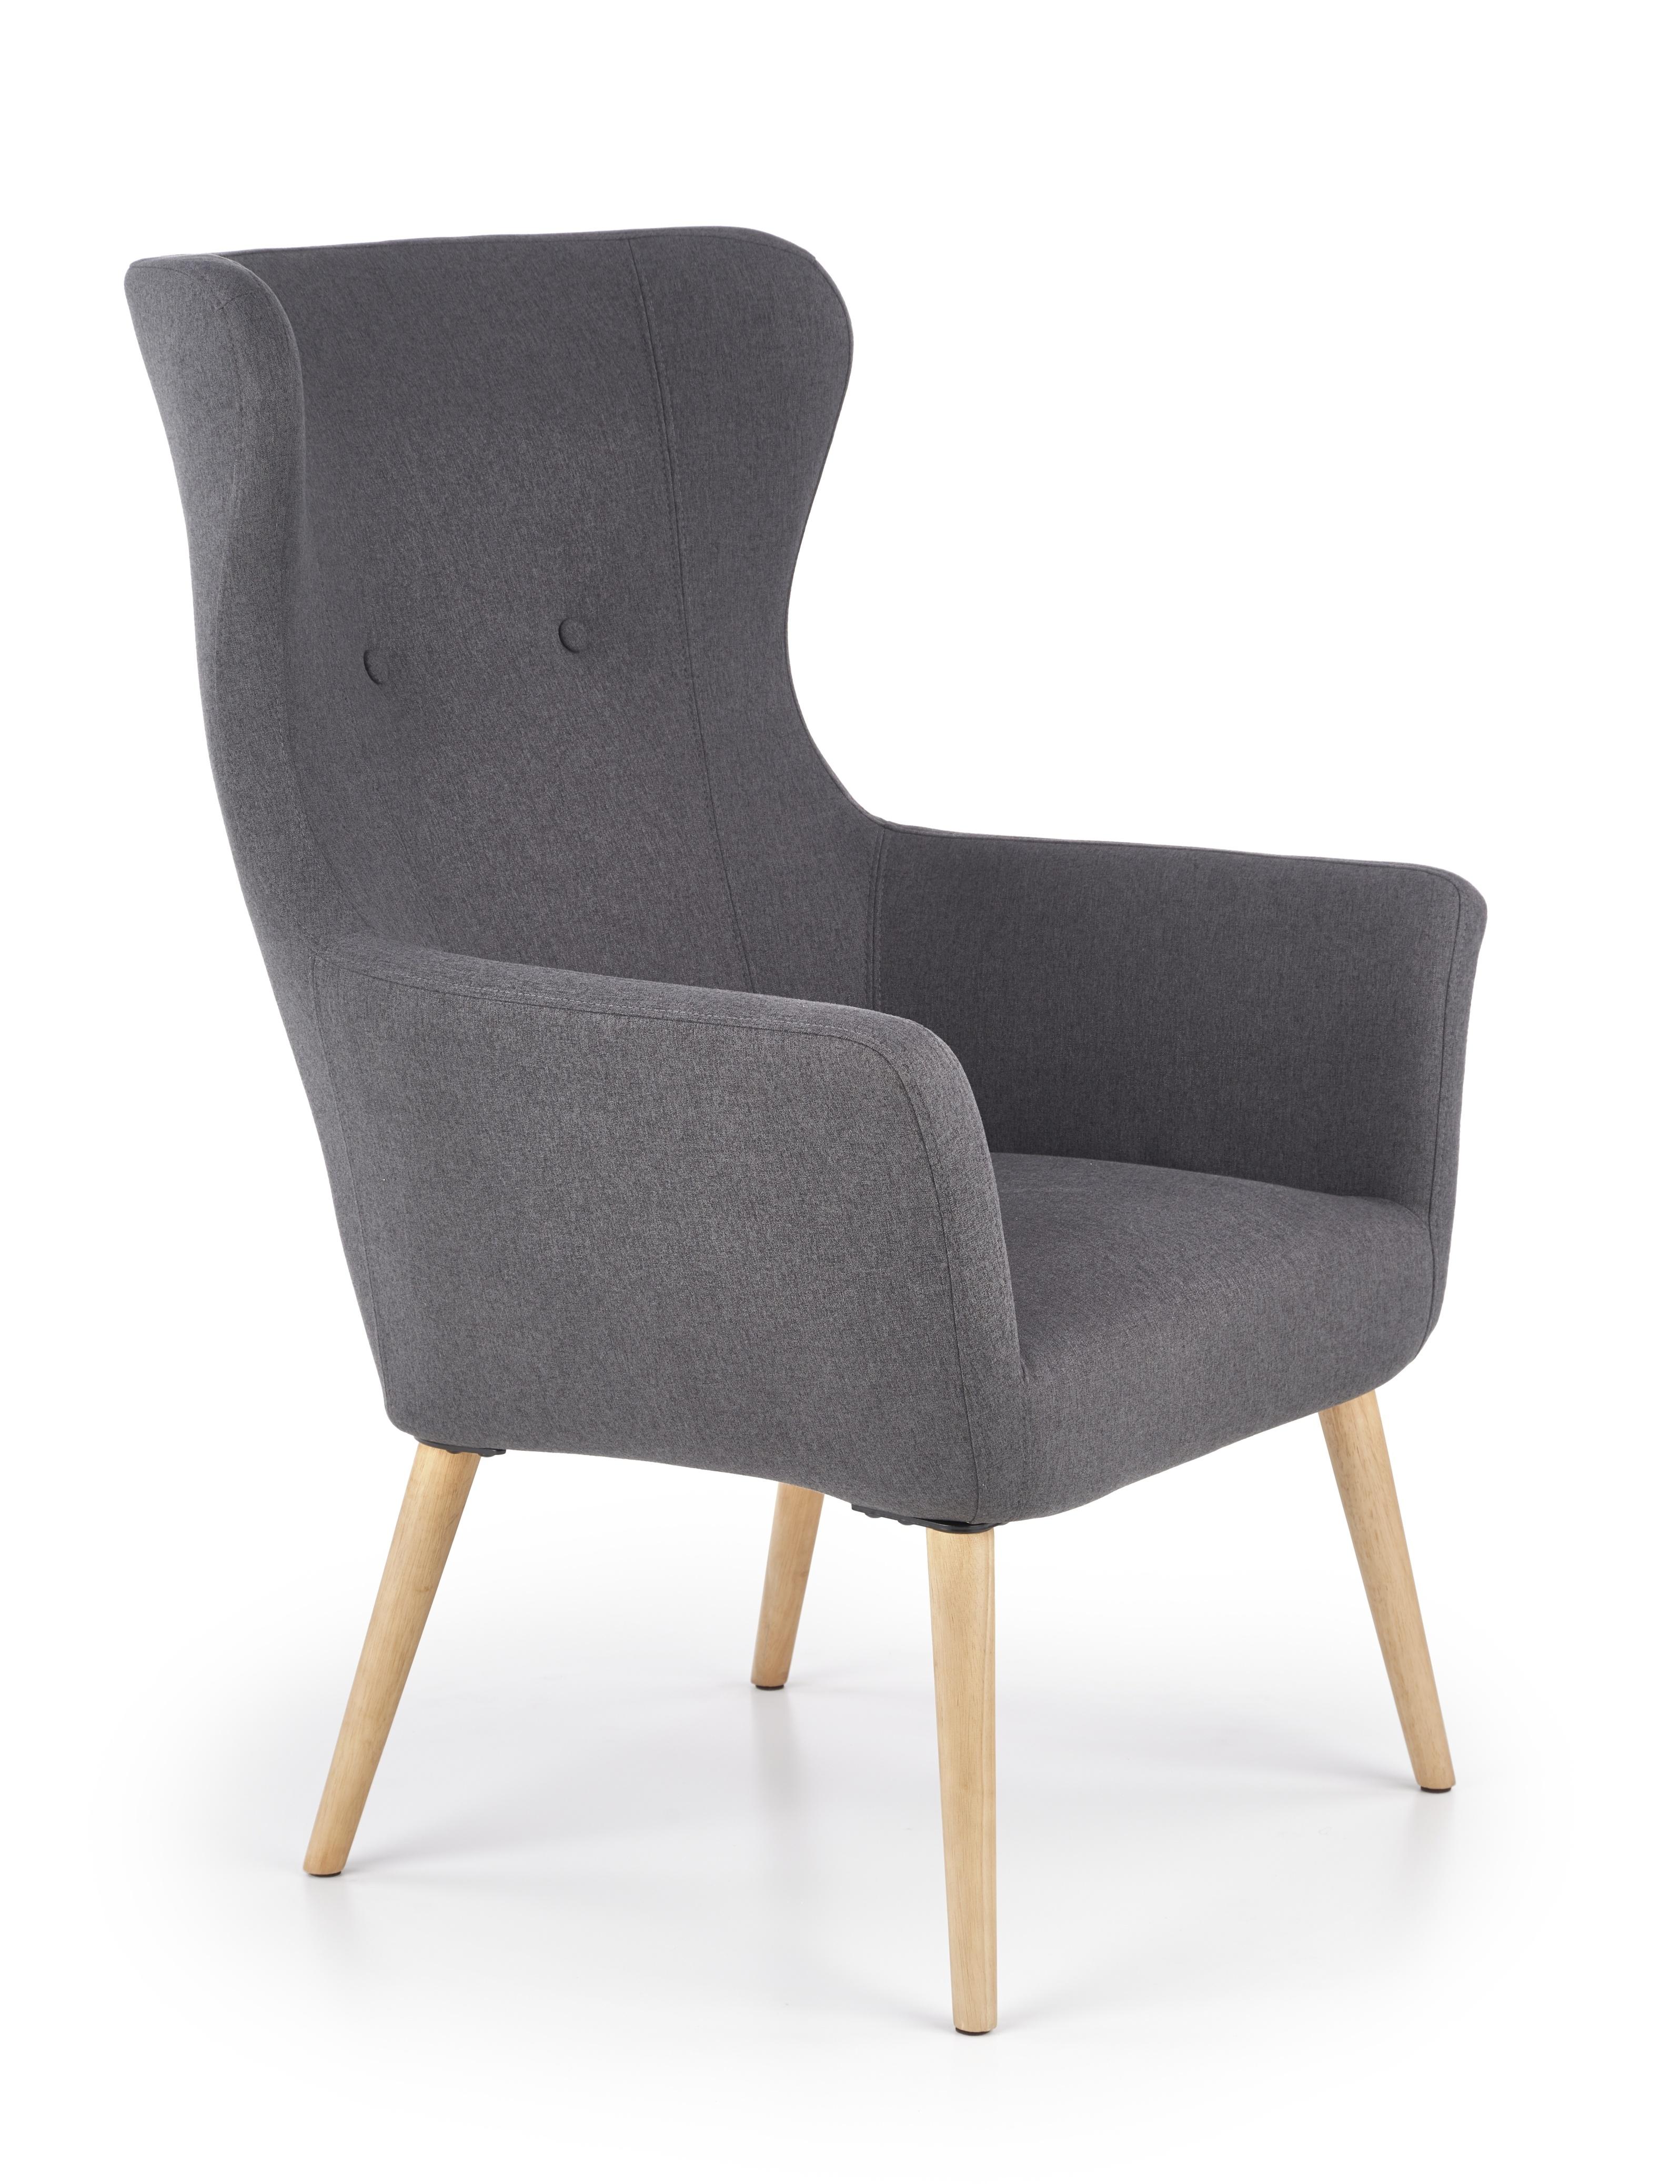 Fotoliu tapitat cu stofa, cu picioare din lemn Cotto Dark Grey, l73xA76xH99 cm